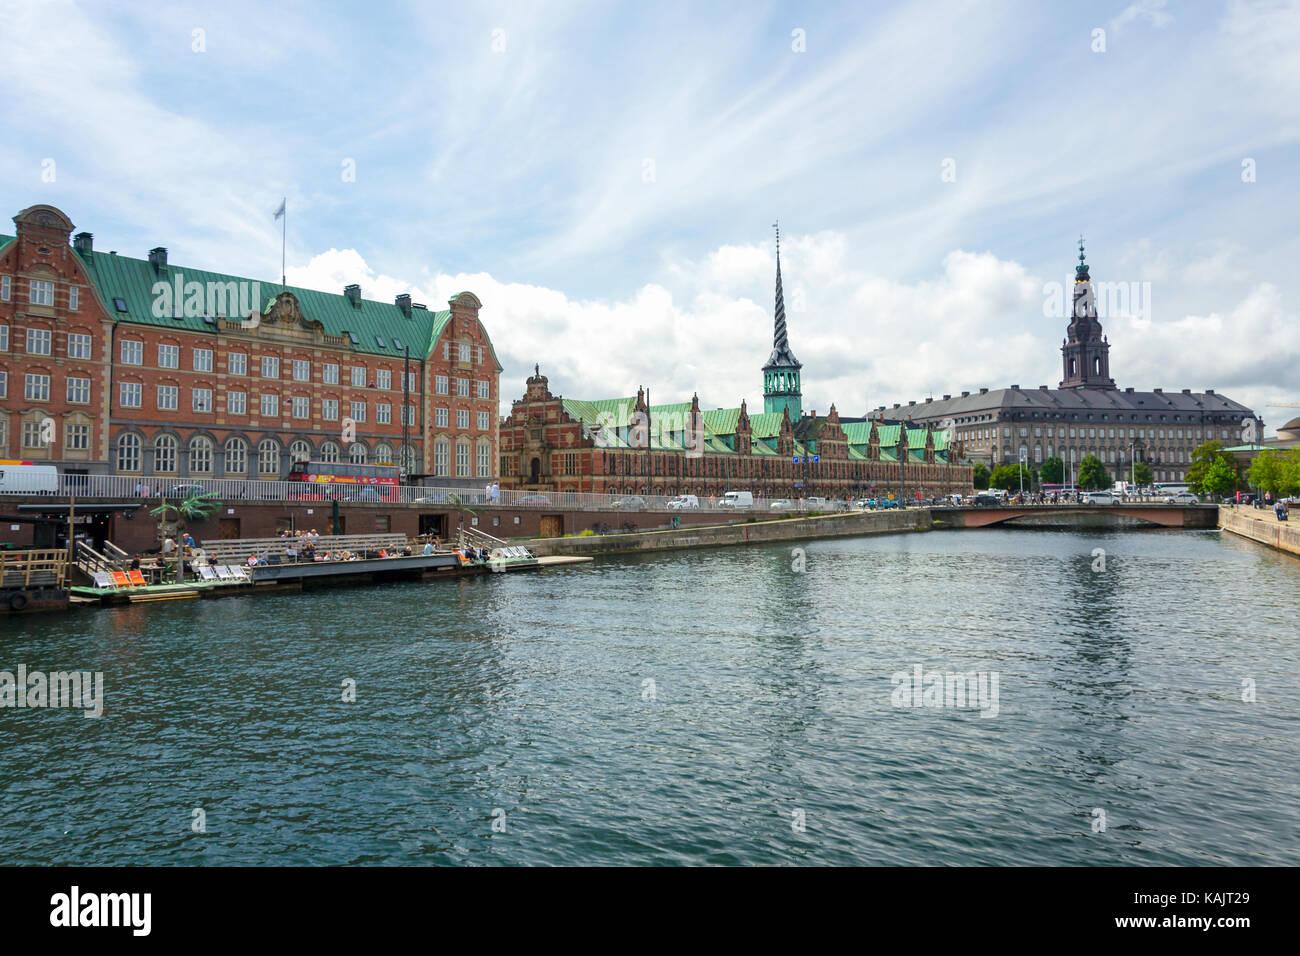 COPENHAGEN, DENMARK - July 24, 2017: Borsen; The Stock Exchange built in 17th century located in Børsgade street - Stock Image